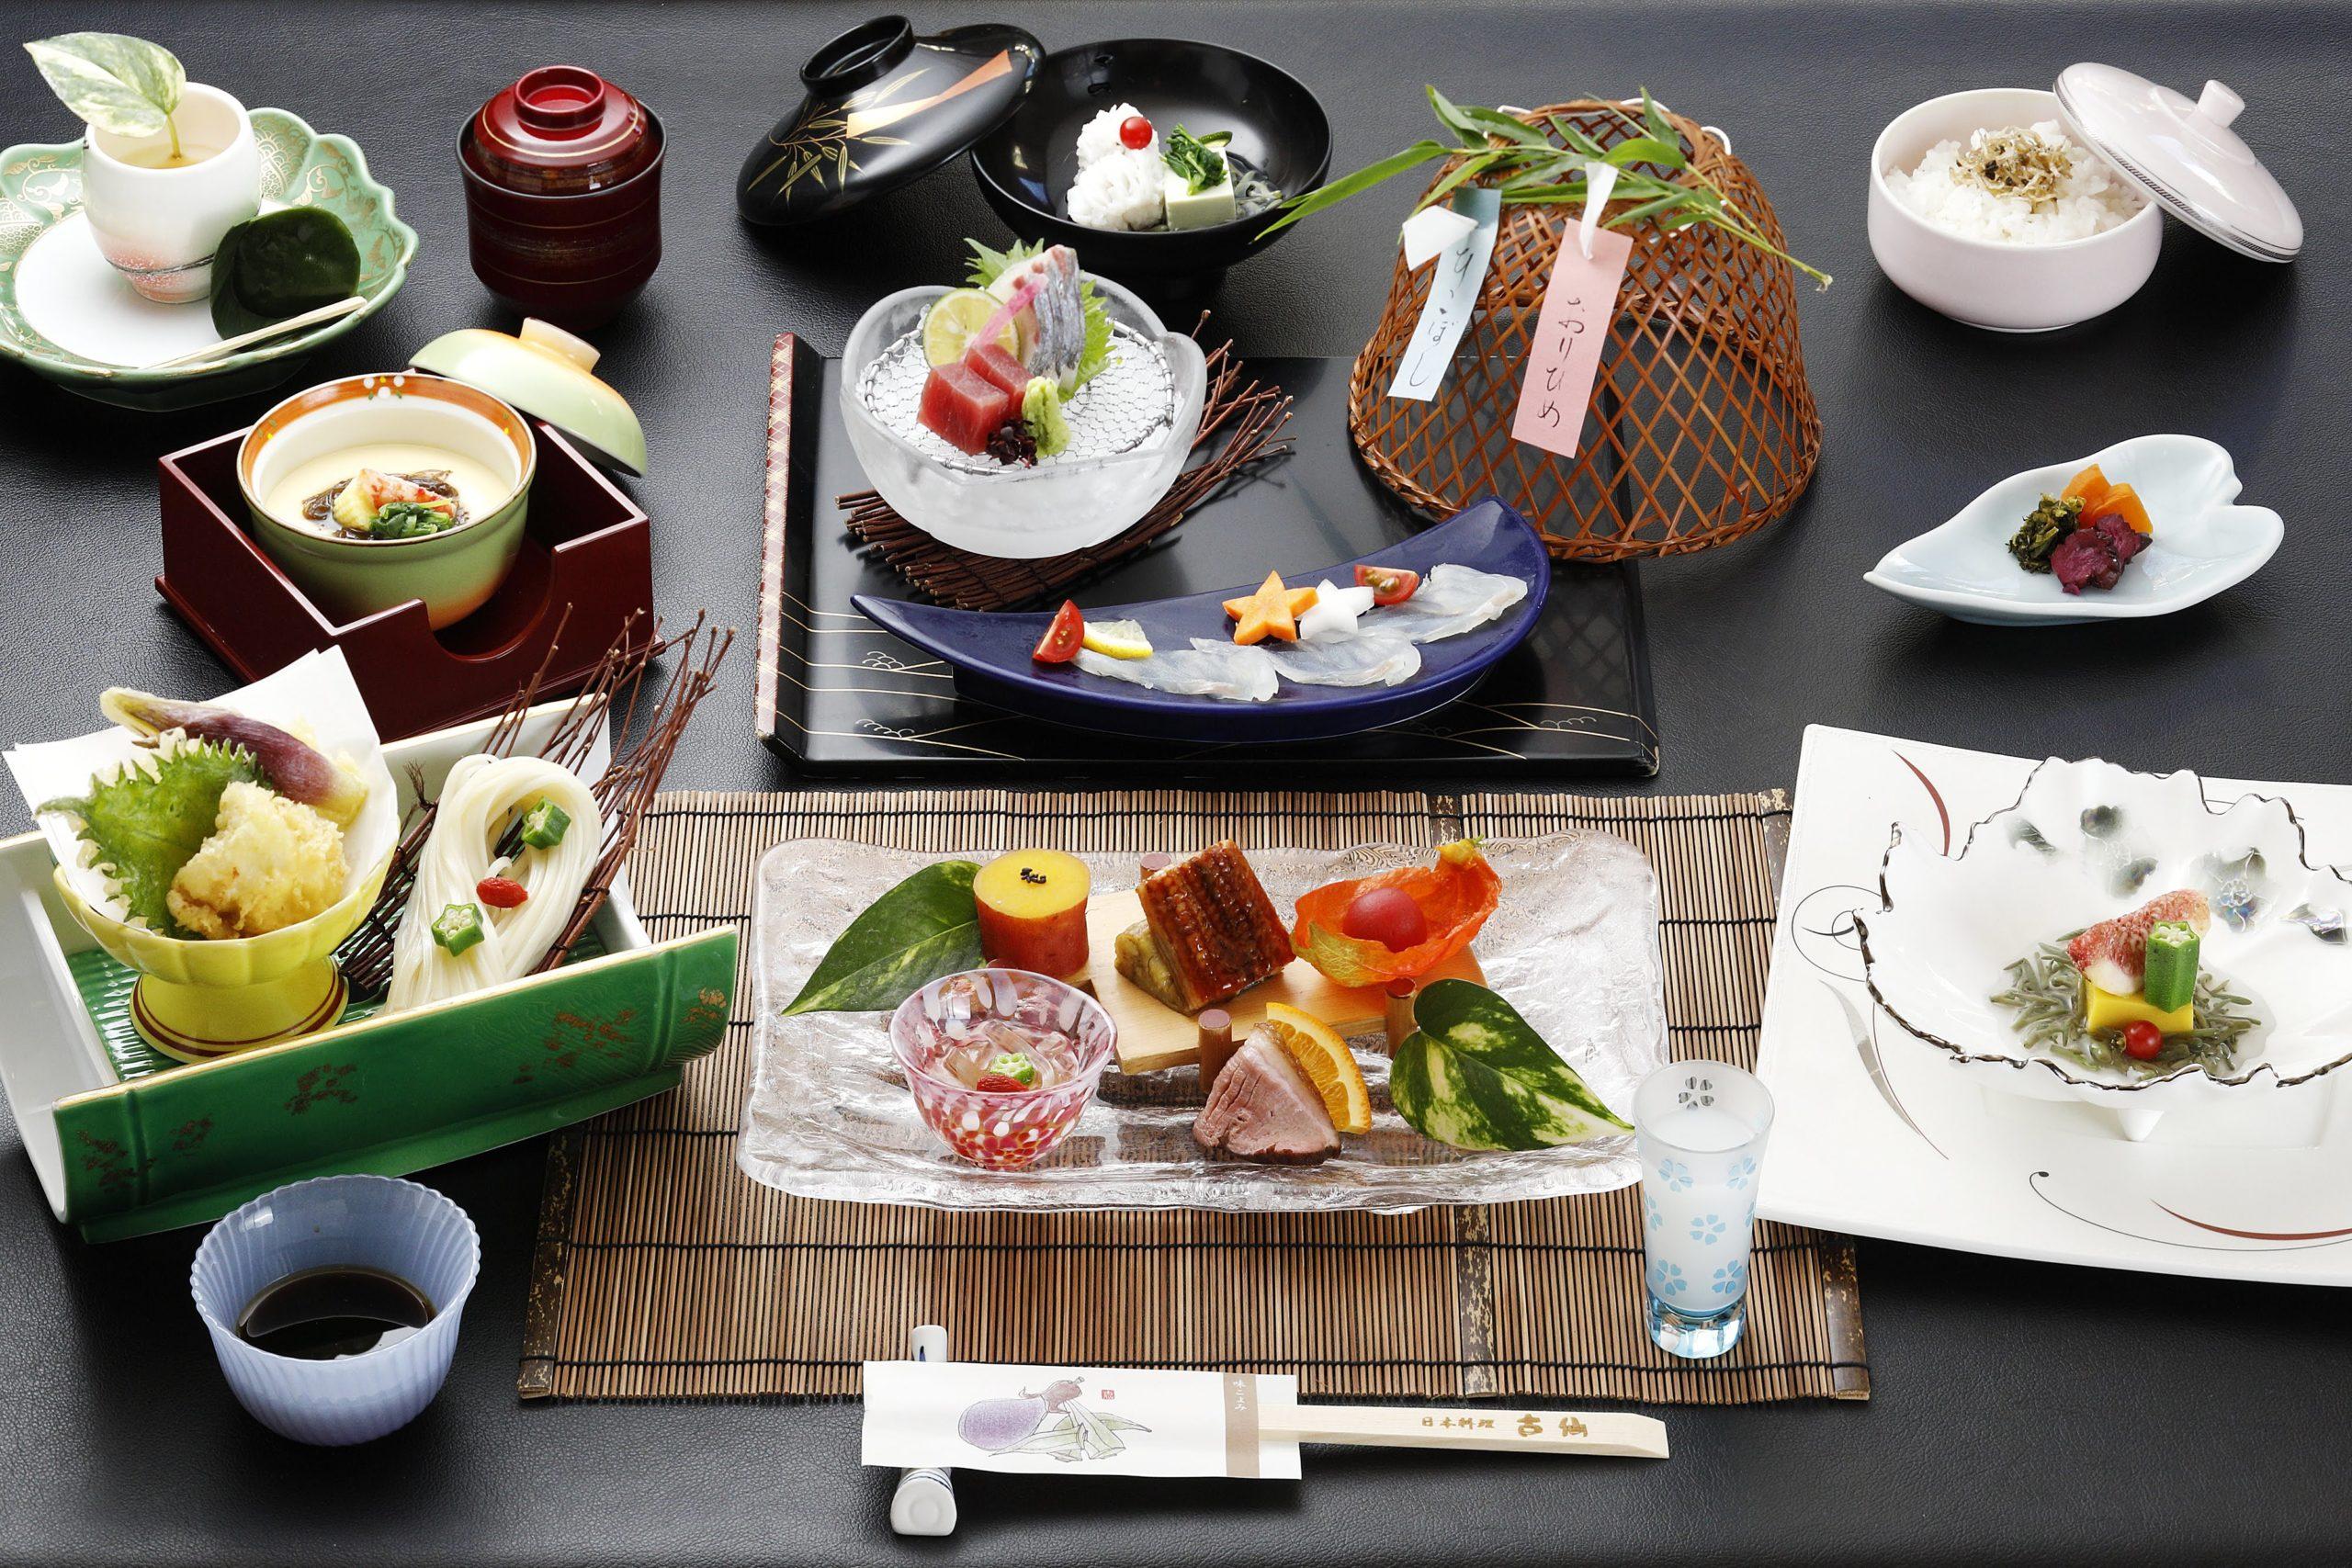 【誕生日に食事券を贈ろう】上質空間で味わう和食御膳でお祝いしよう・福岡